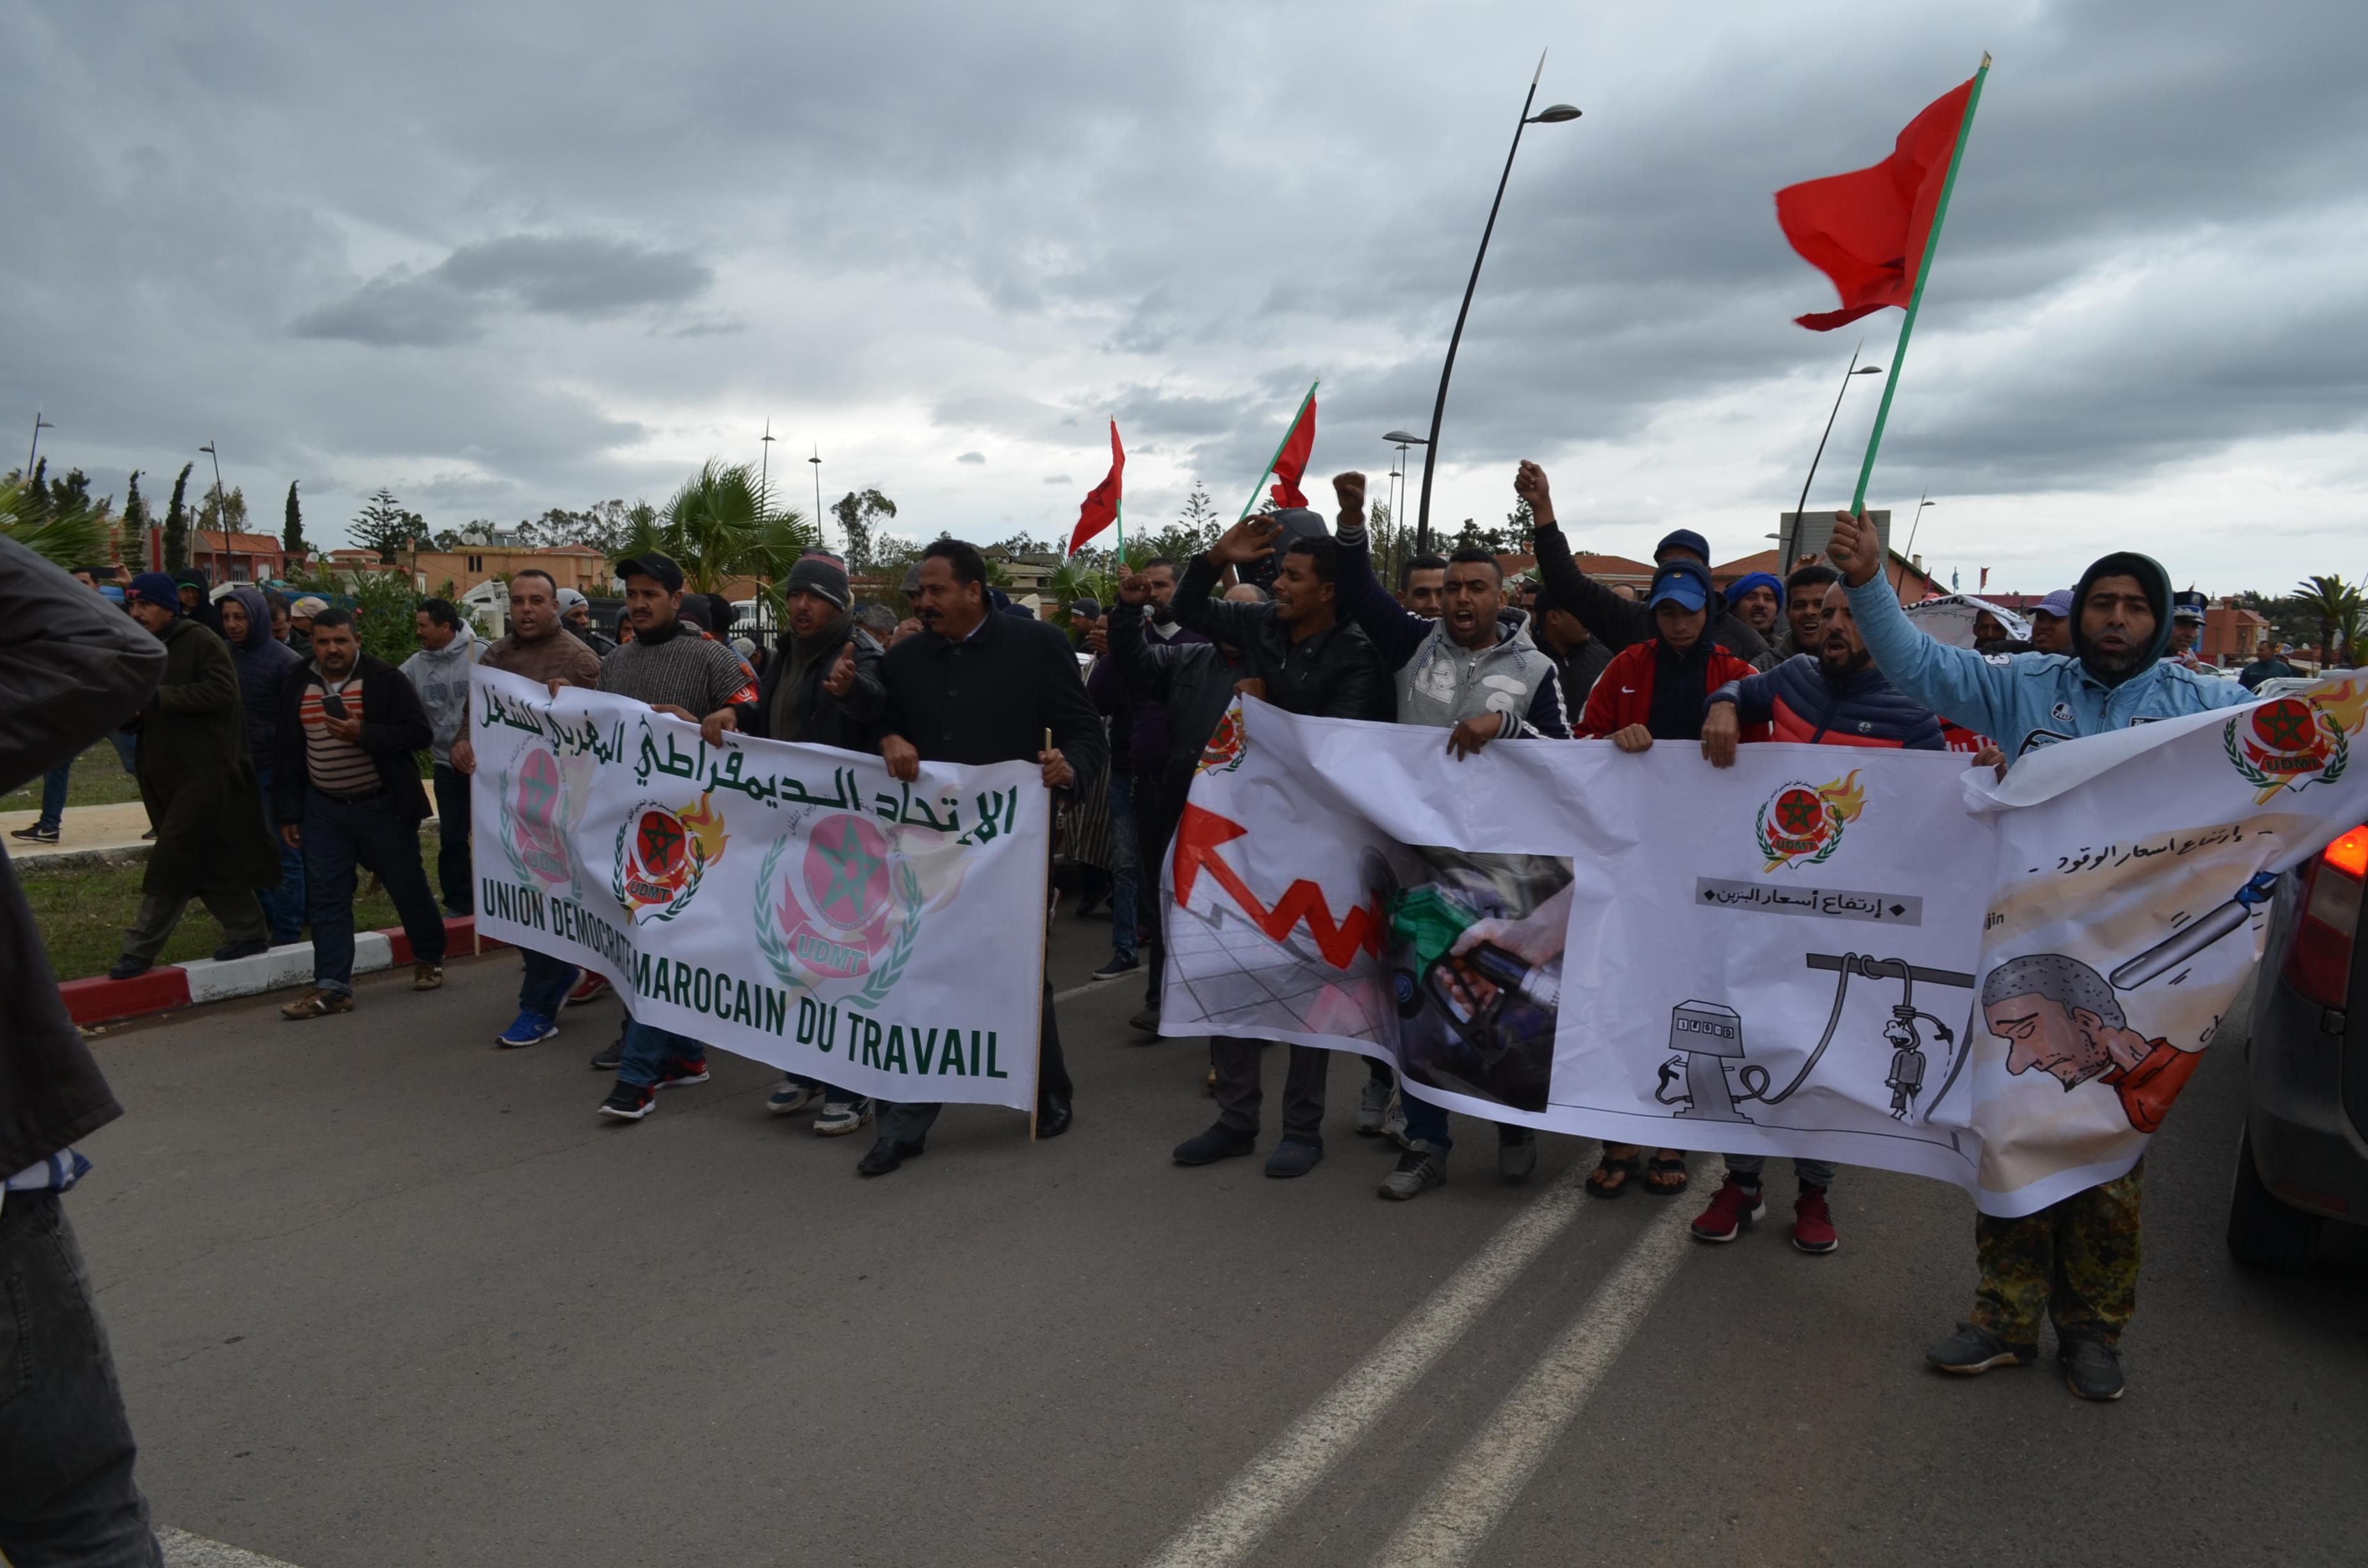 إحتجاجات سائقي الطاكسيات ببنسليمان على غلاء أسعار الغازوال: 2018 10 30